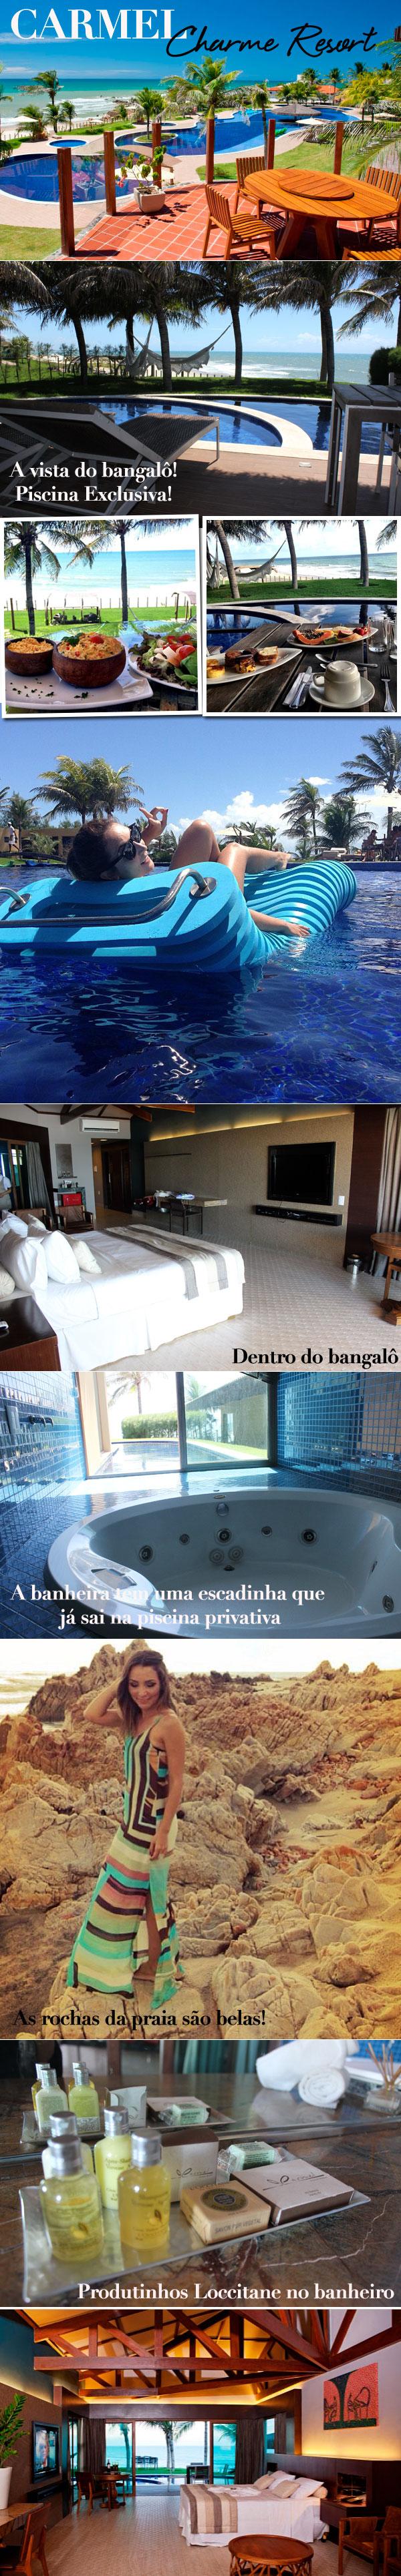 carmel-charme-resort-fortaleza-hotel